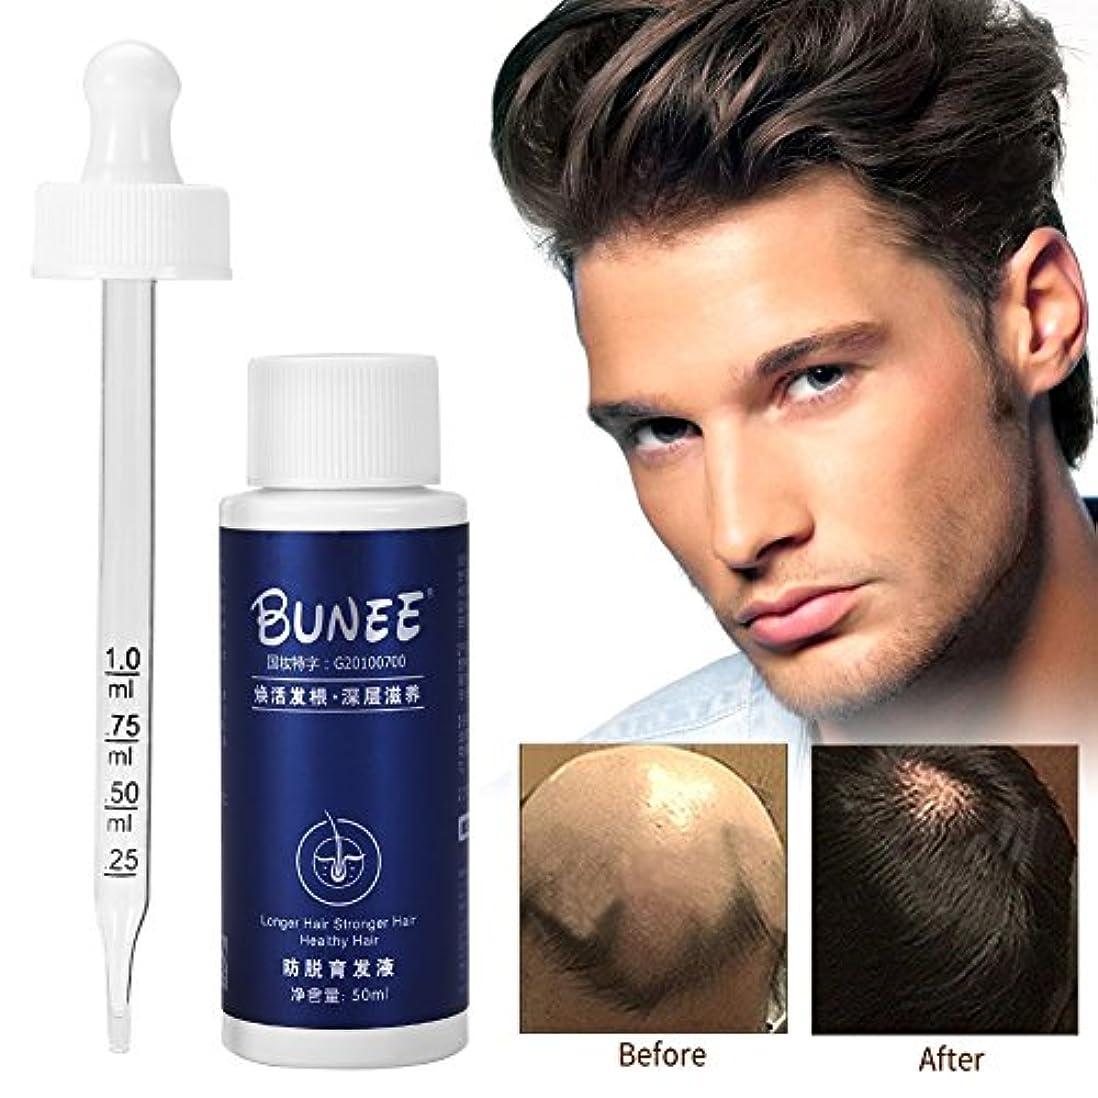 懐鷹苦難育毛オイル、液体育毛剤増粘剤天然植物エキス血清、高速発毛製品エッセンスが発毛を促進し、脱毛を防ぎ、薄毛、はげ